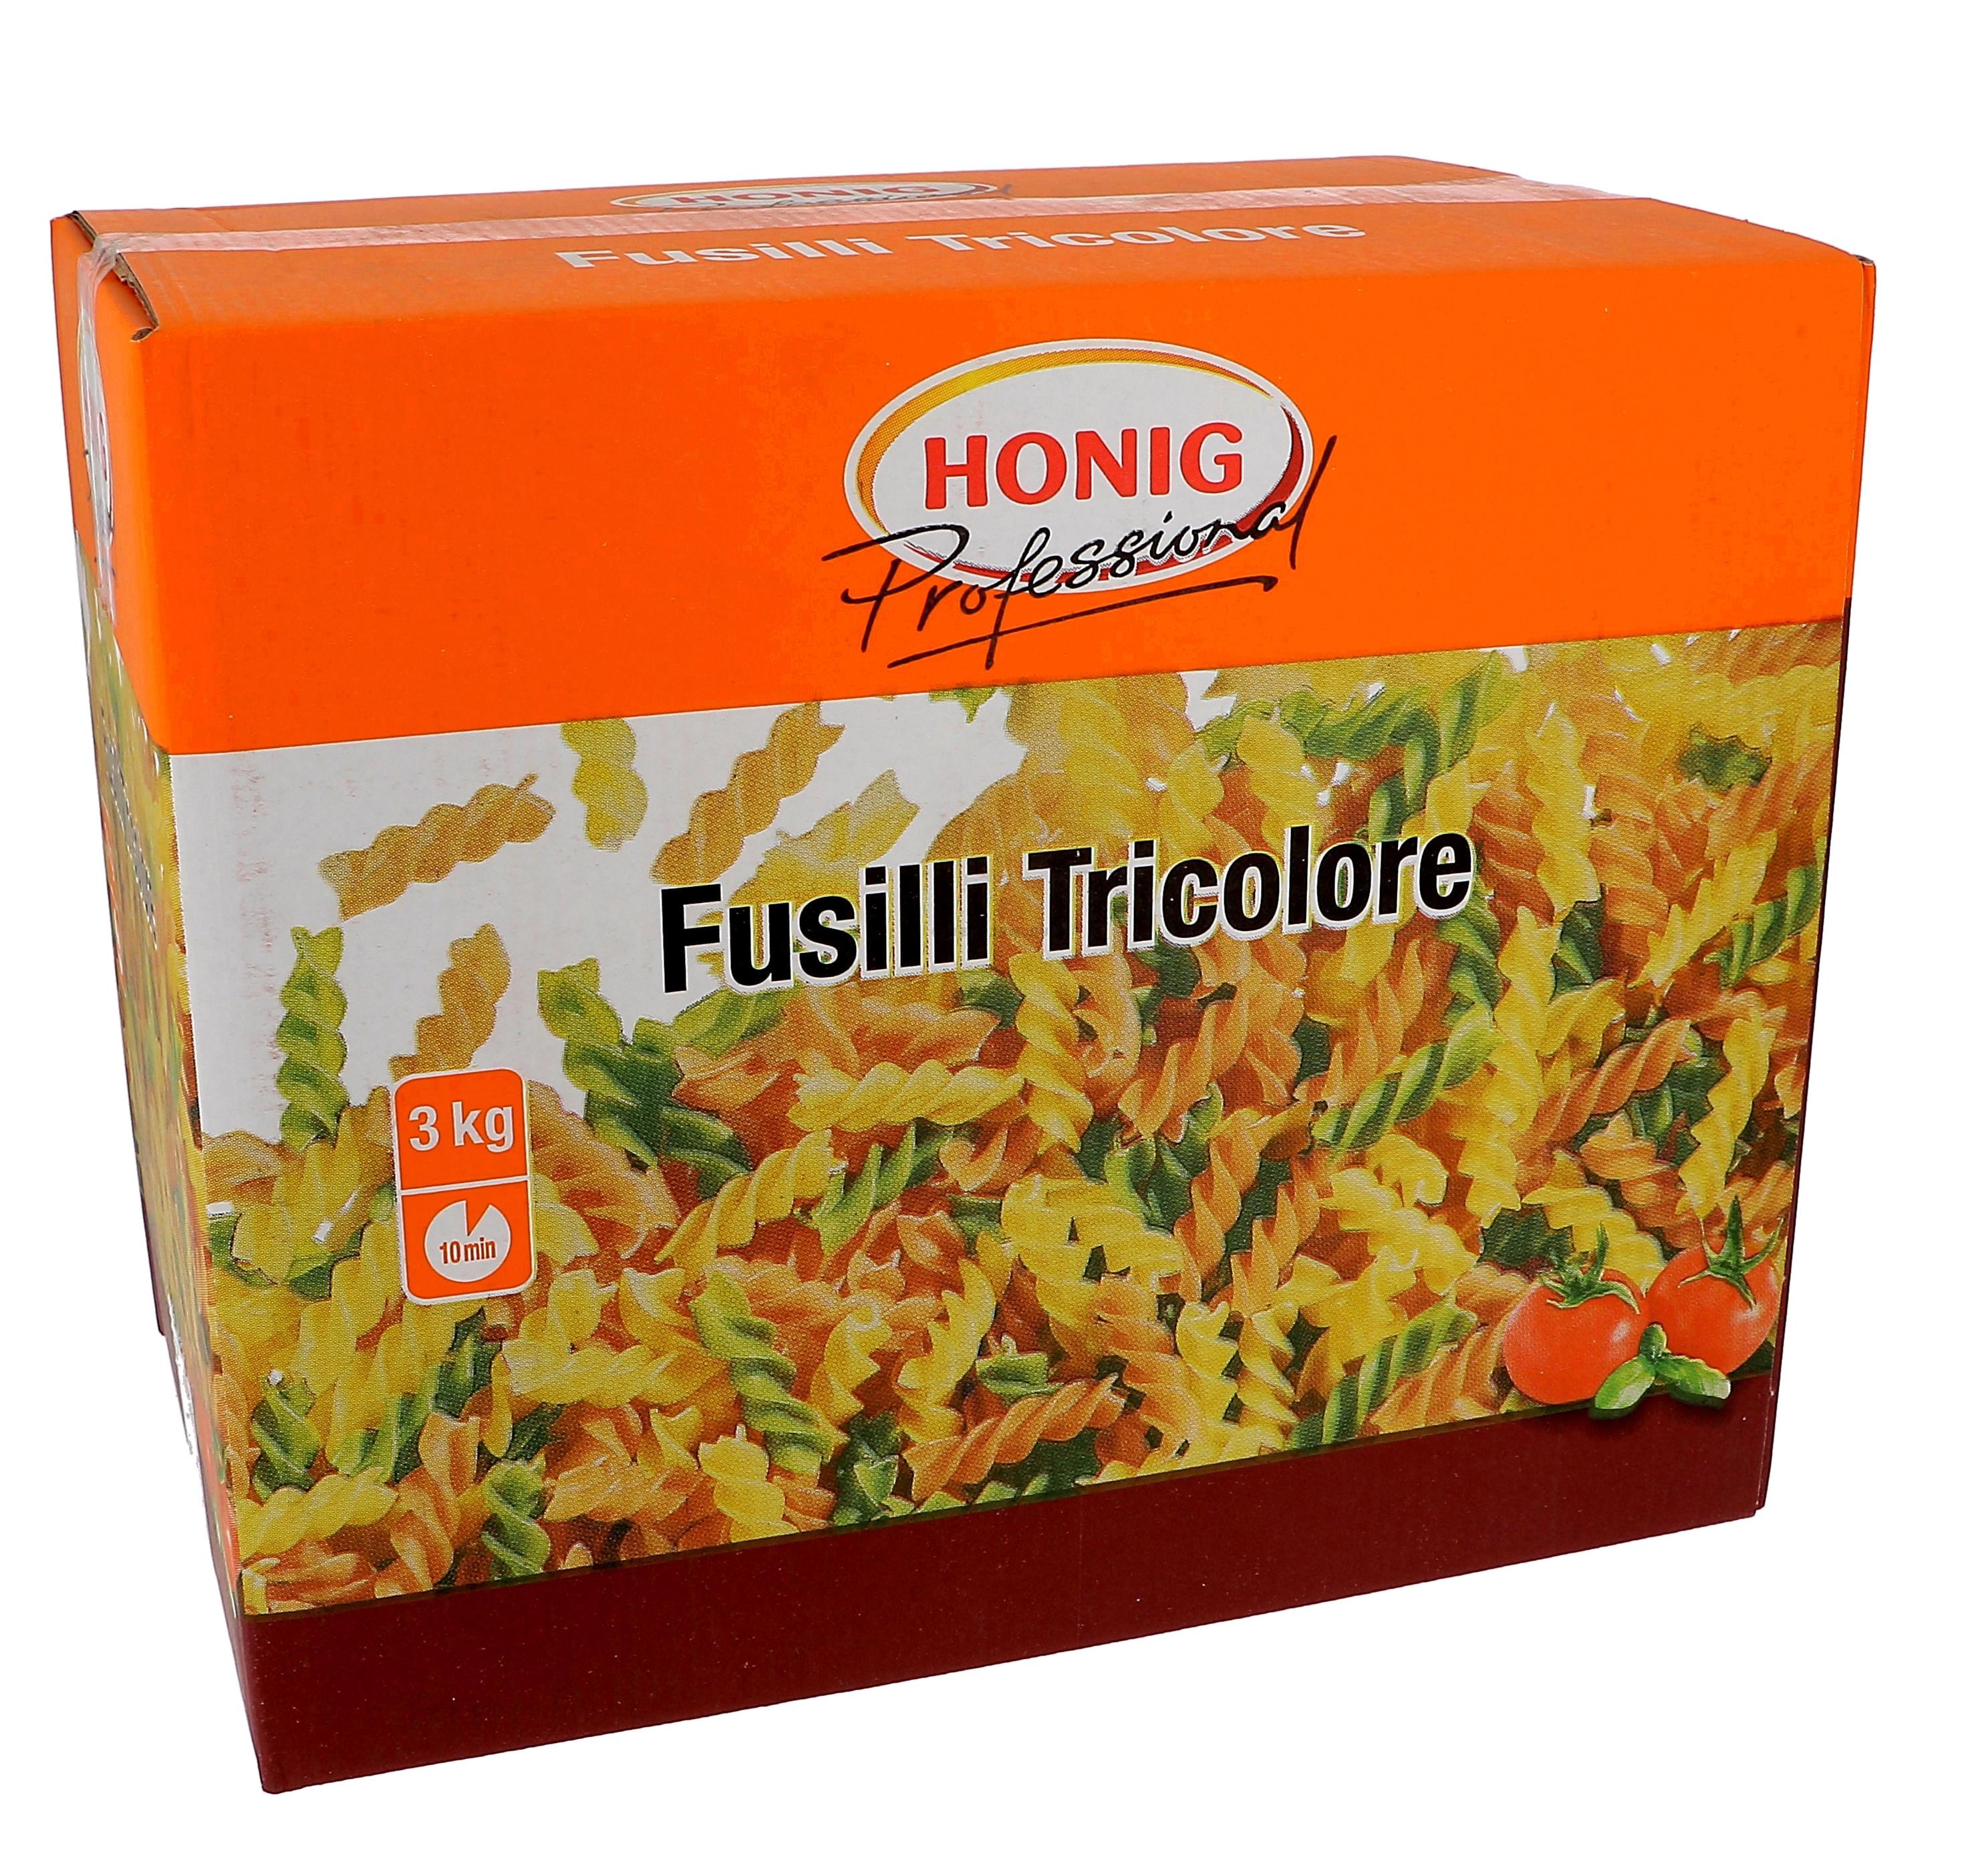 Honig tricolore fusilli 3kg Professional